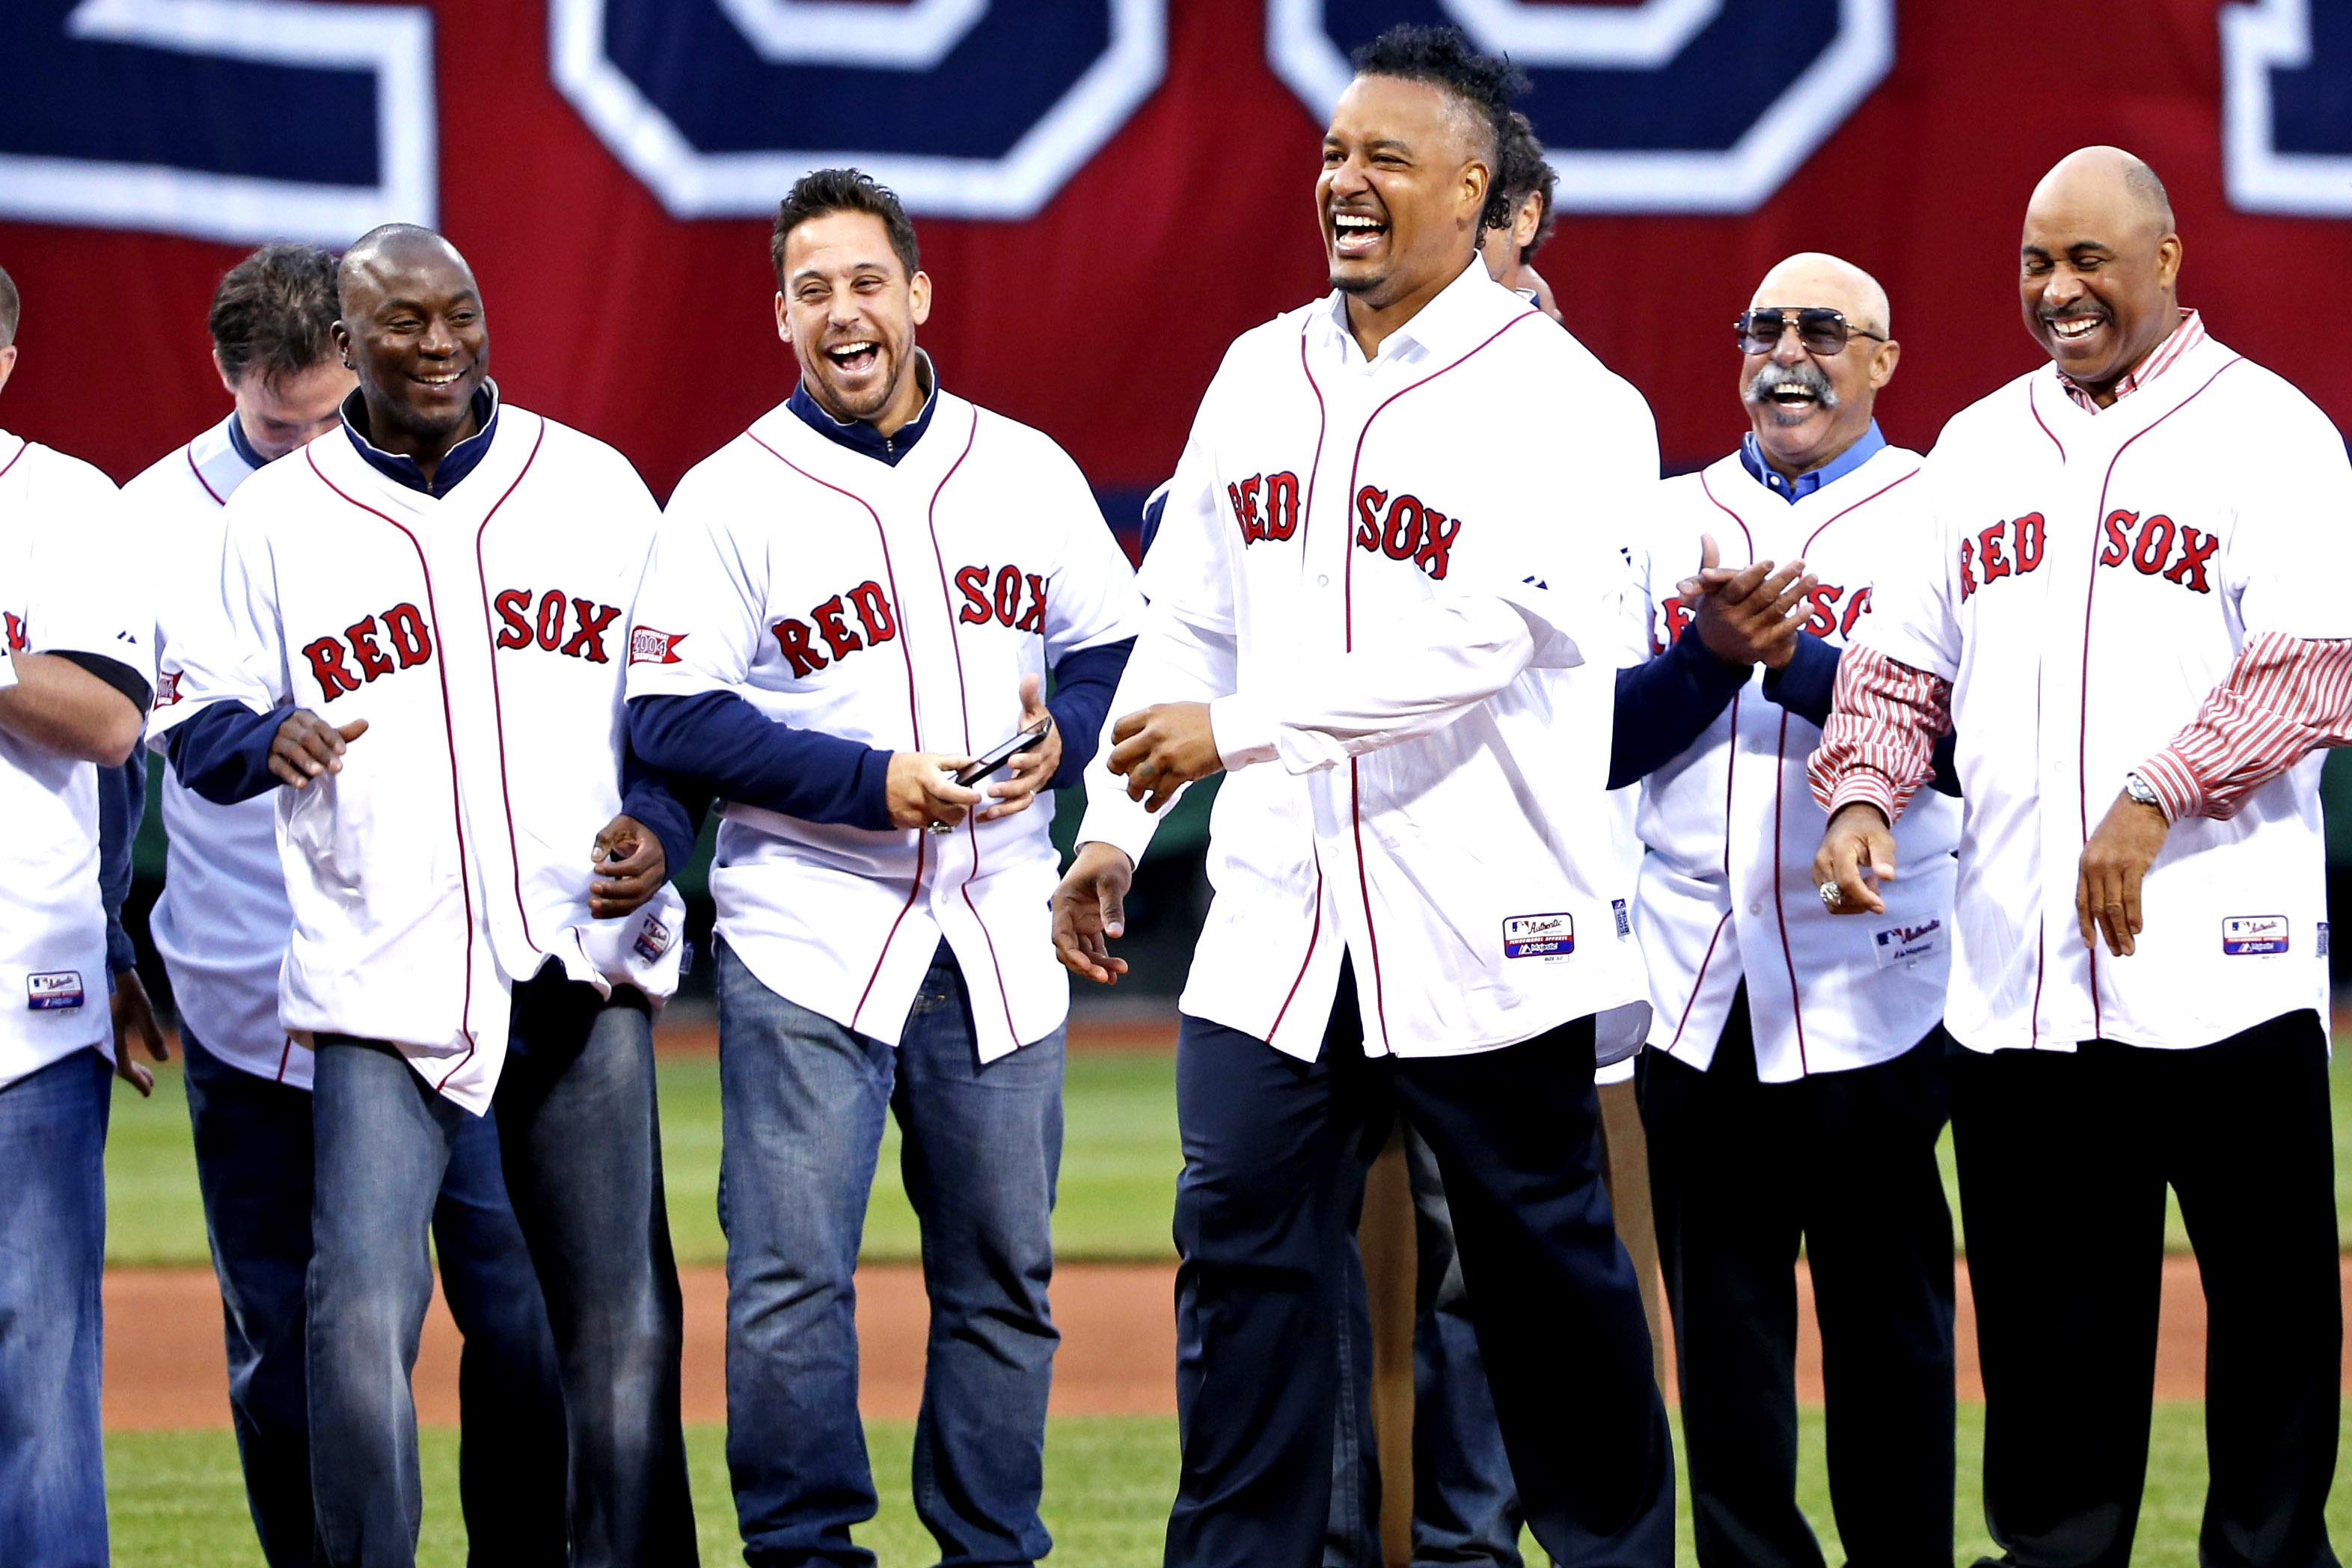 Everyone loves Manny - Photo: nypost.com